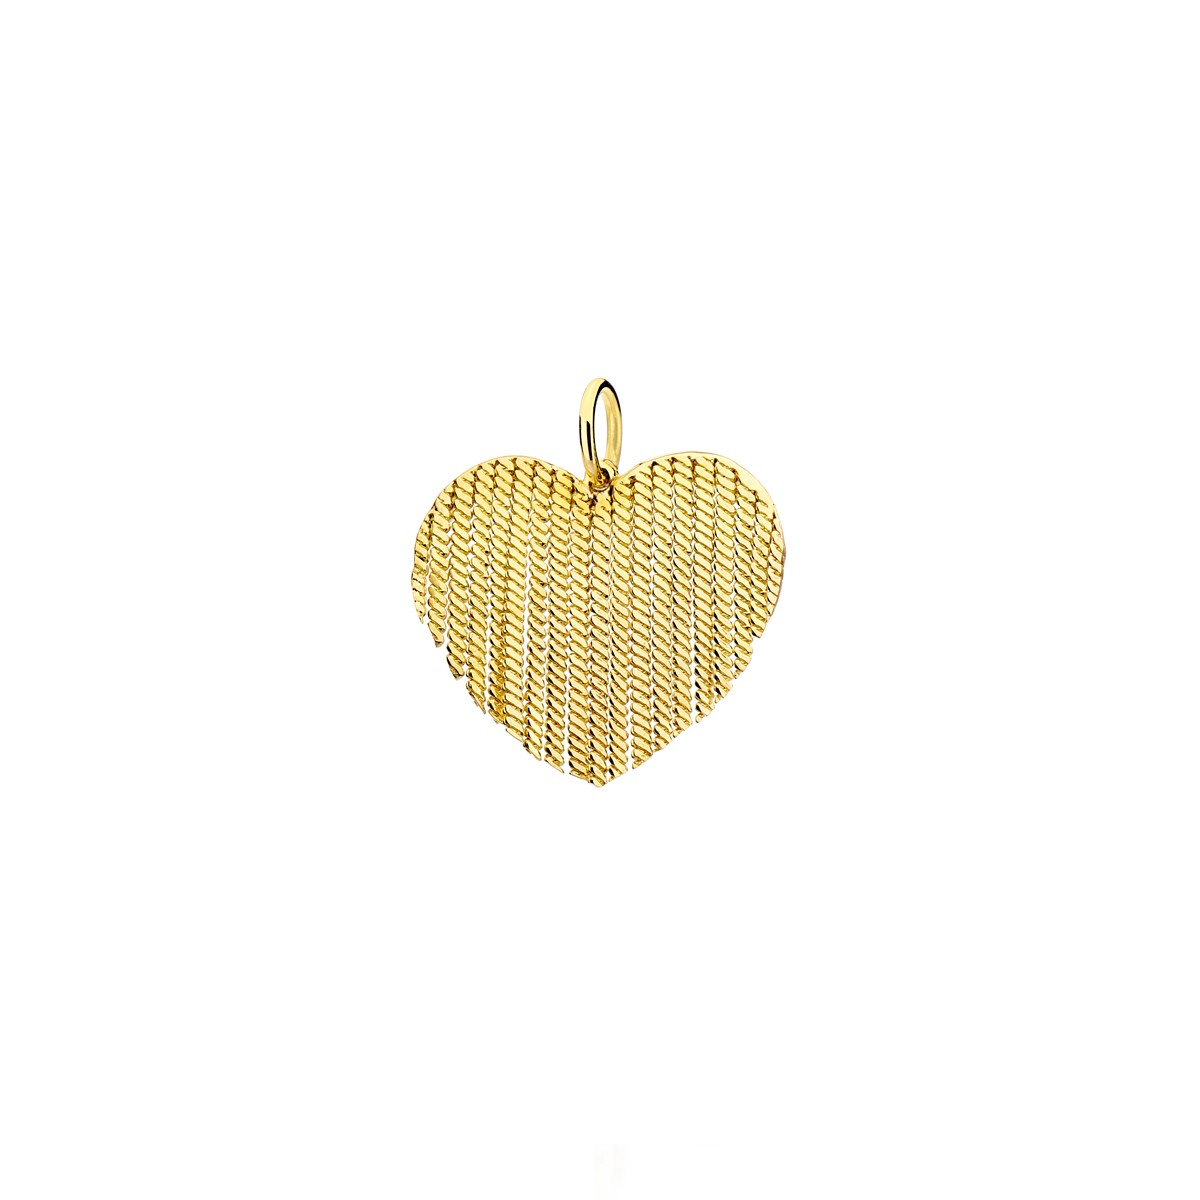 Anhänger Herz 18ct Gelbgold - Antonio Bernardo - 16376